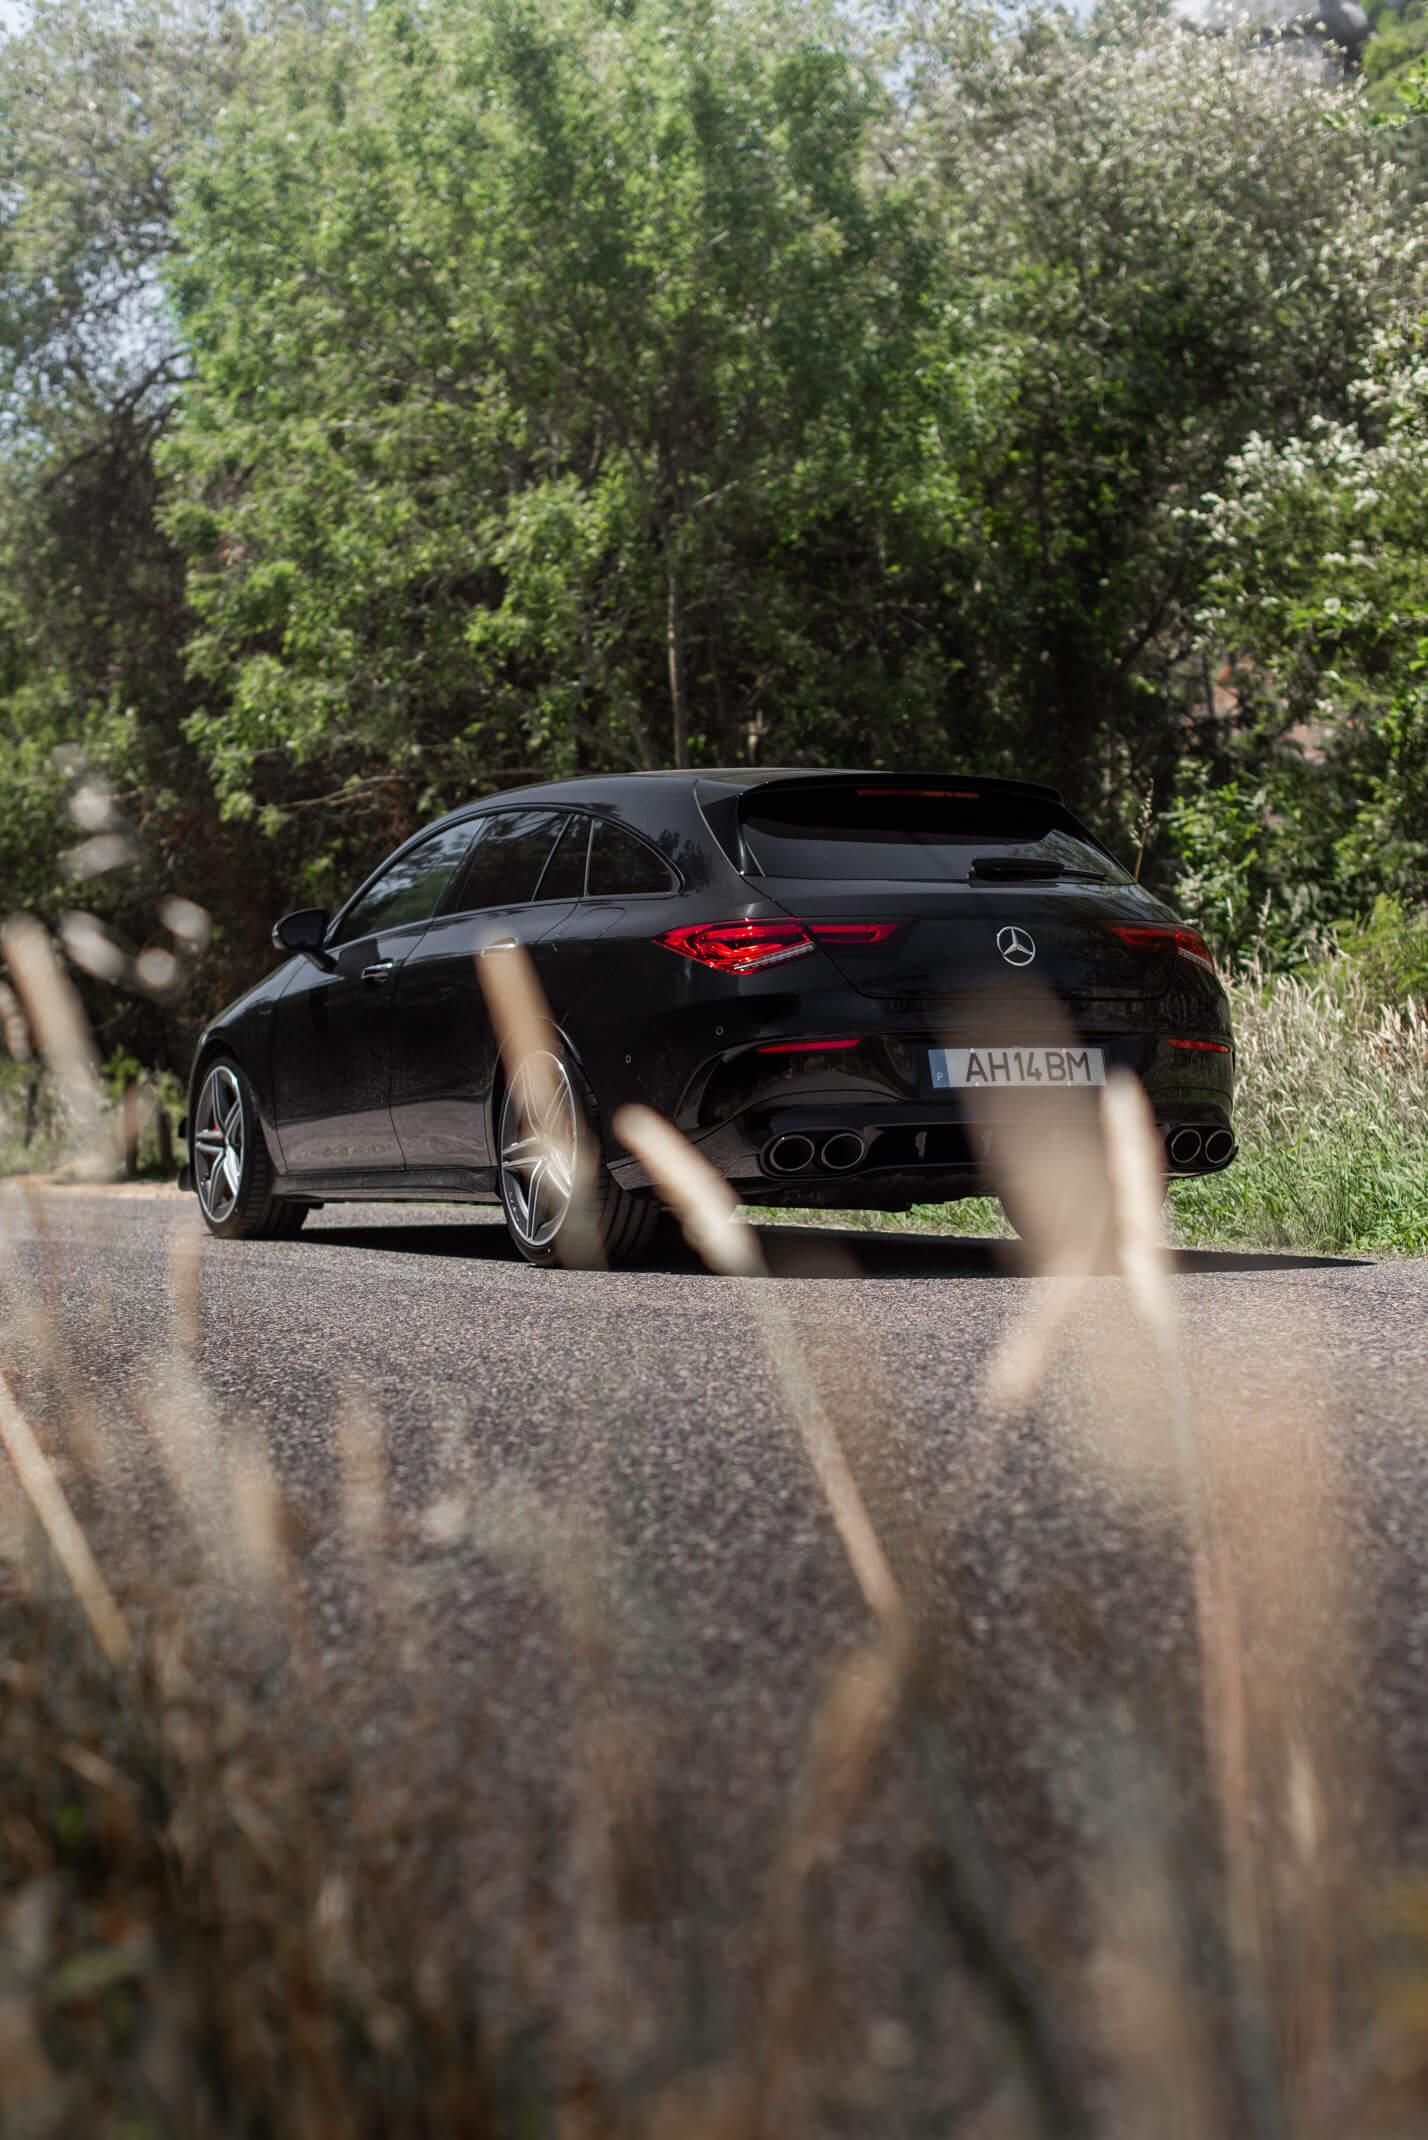 Mercedes-AMG CLA 45 AMG